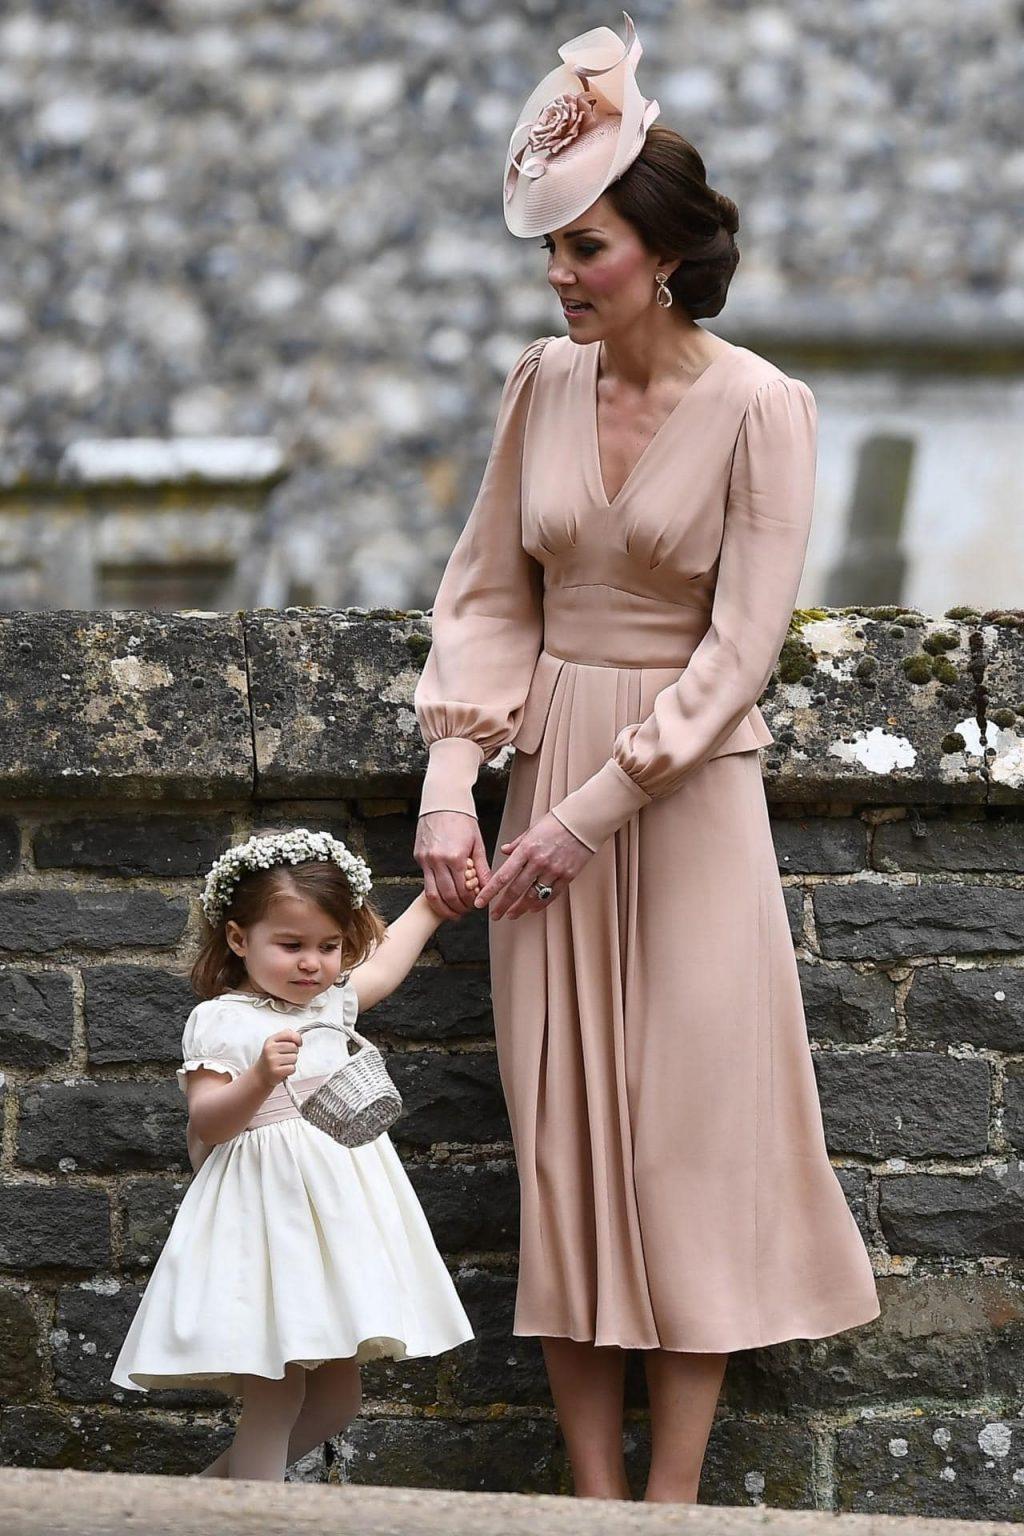 Công nương Kate Middleton sẽ lựa chọn thiết kế từ thương hiệu nào trong ngày cưới của hoàng tử Harry và Meghan Markle?